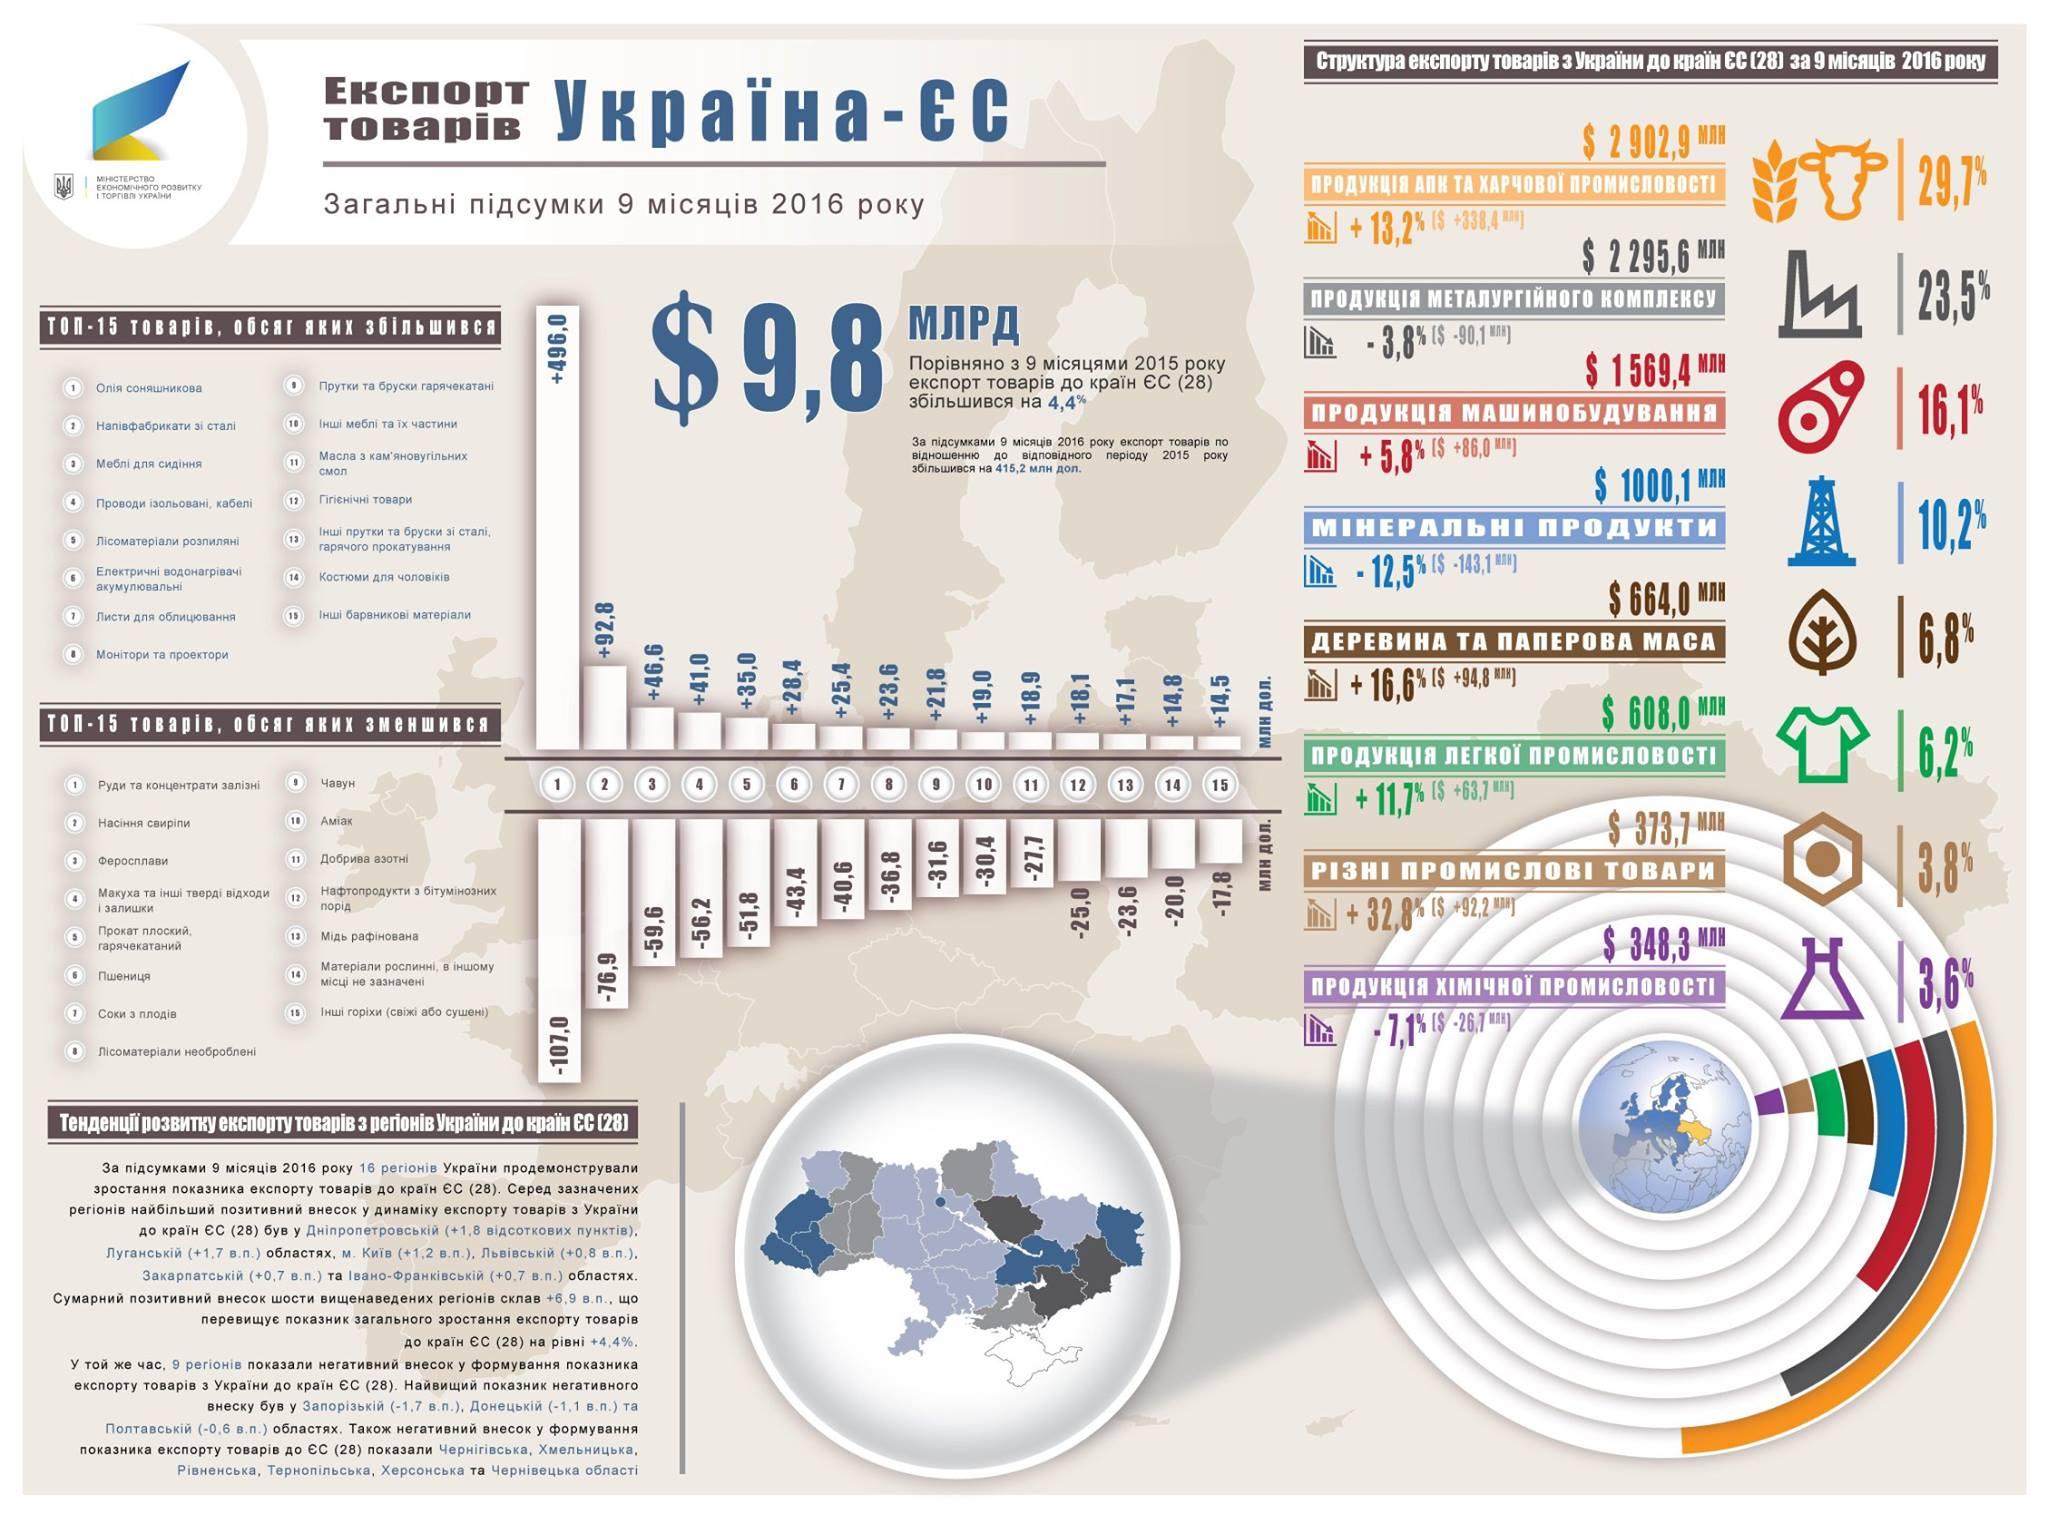 Порошенко: Признание ООН РФ  оккупантом несомненно поможет  Украине вернуть Крым